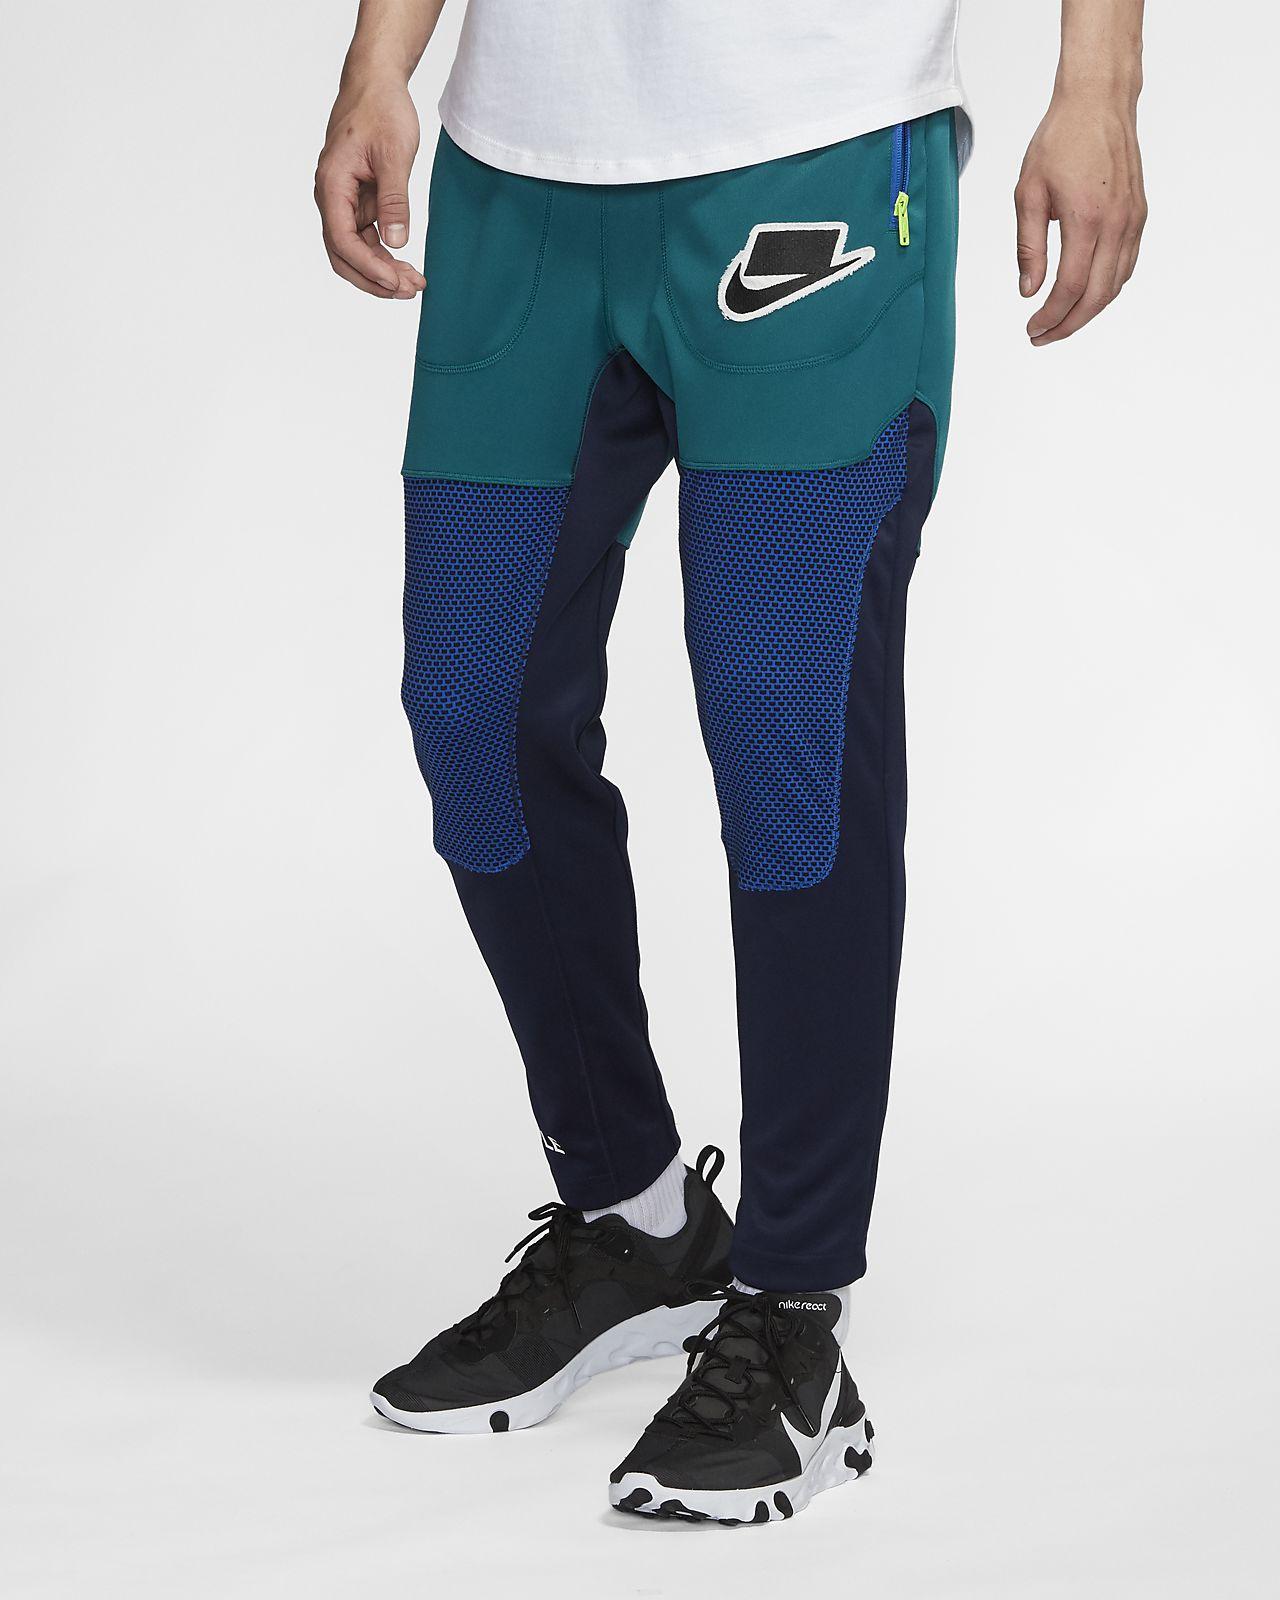 Nike Sportswear NSW 男子长裤